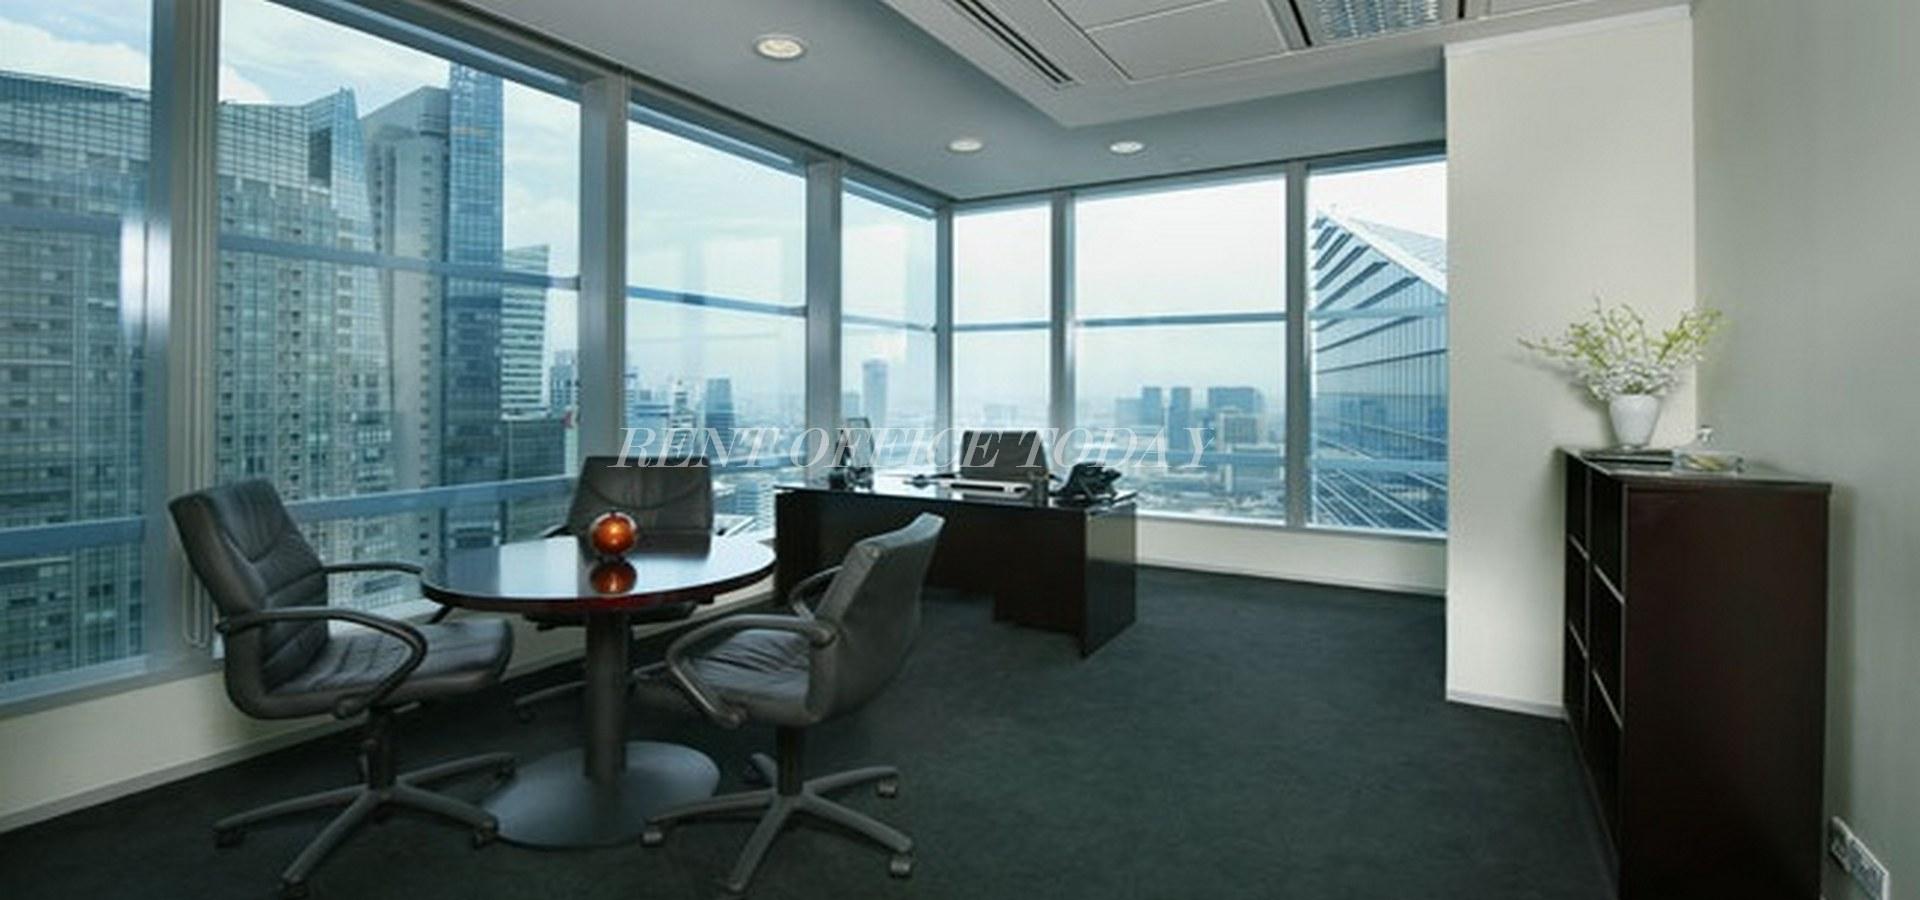 مكتب للايجار marina bay financial centre-13